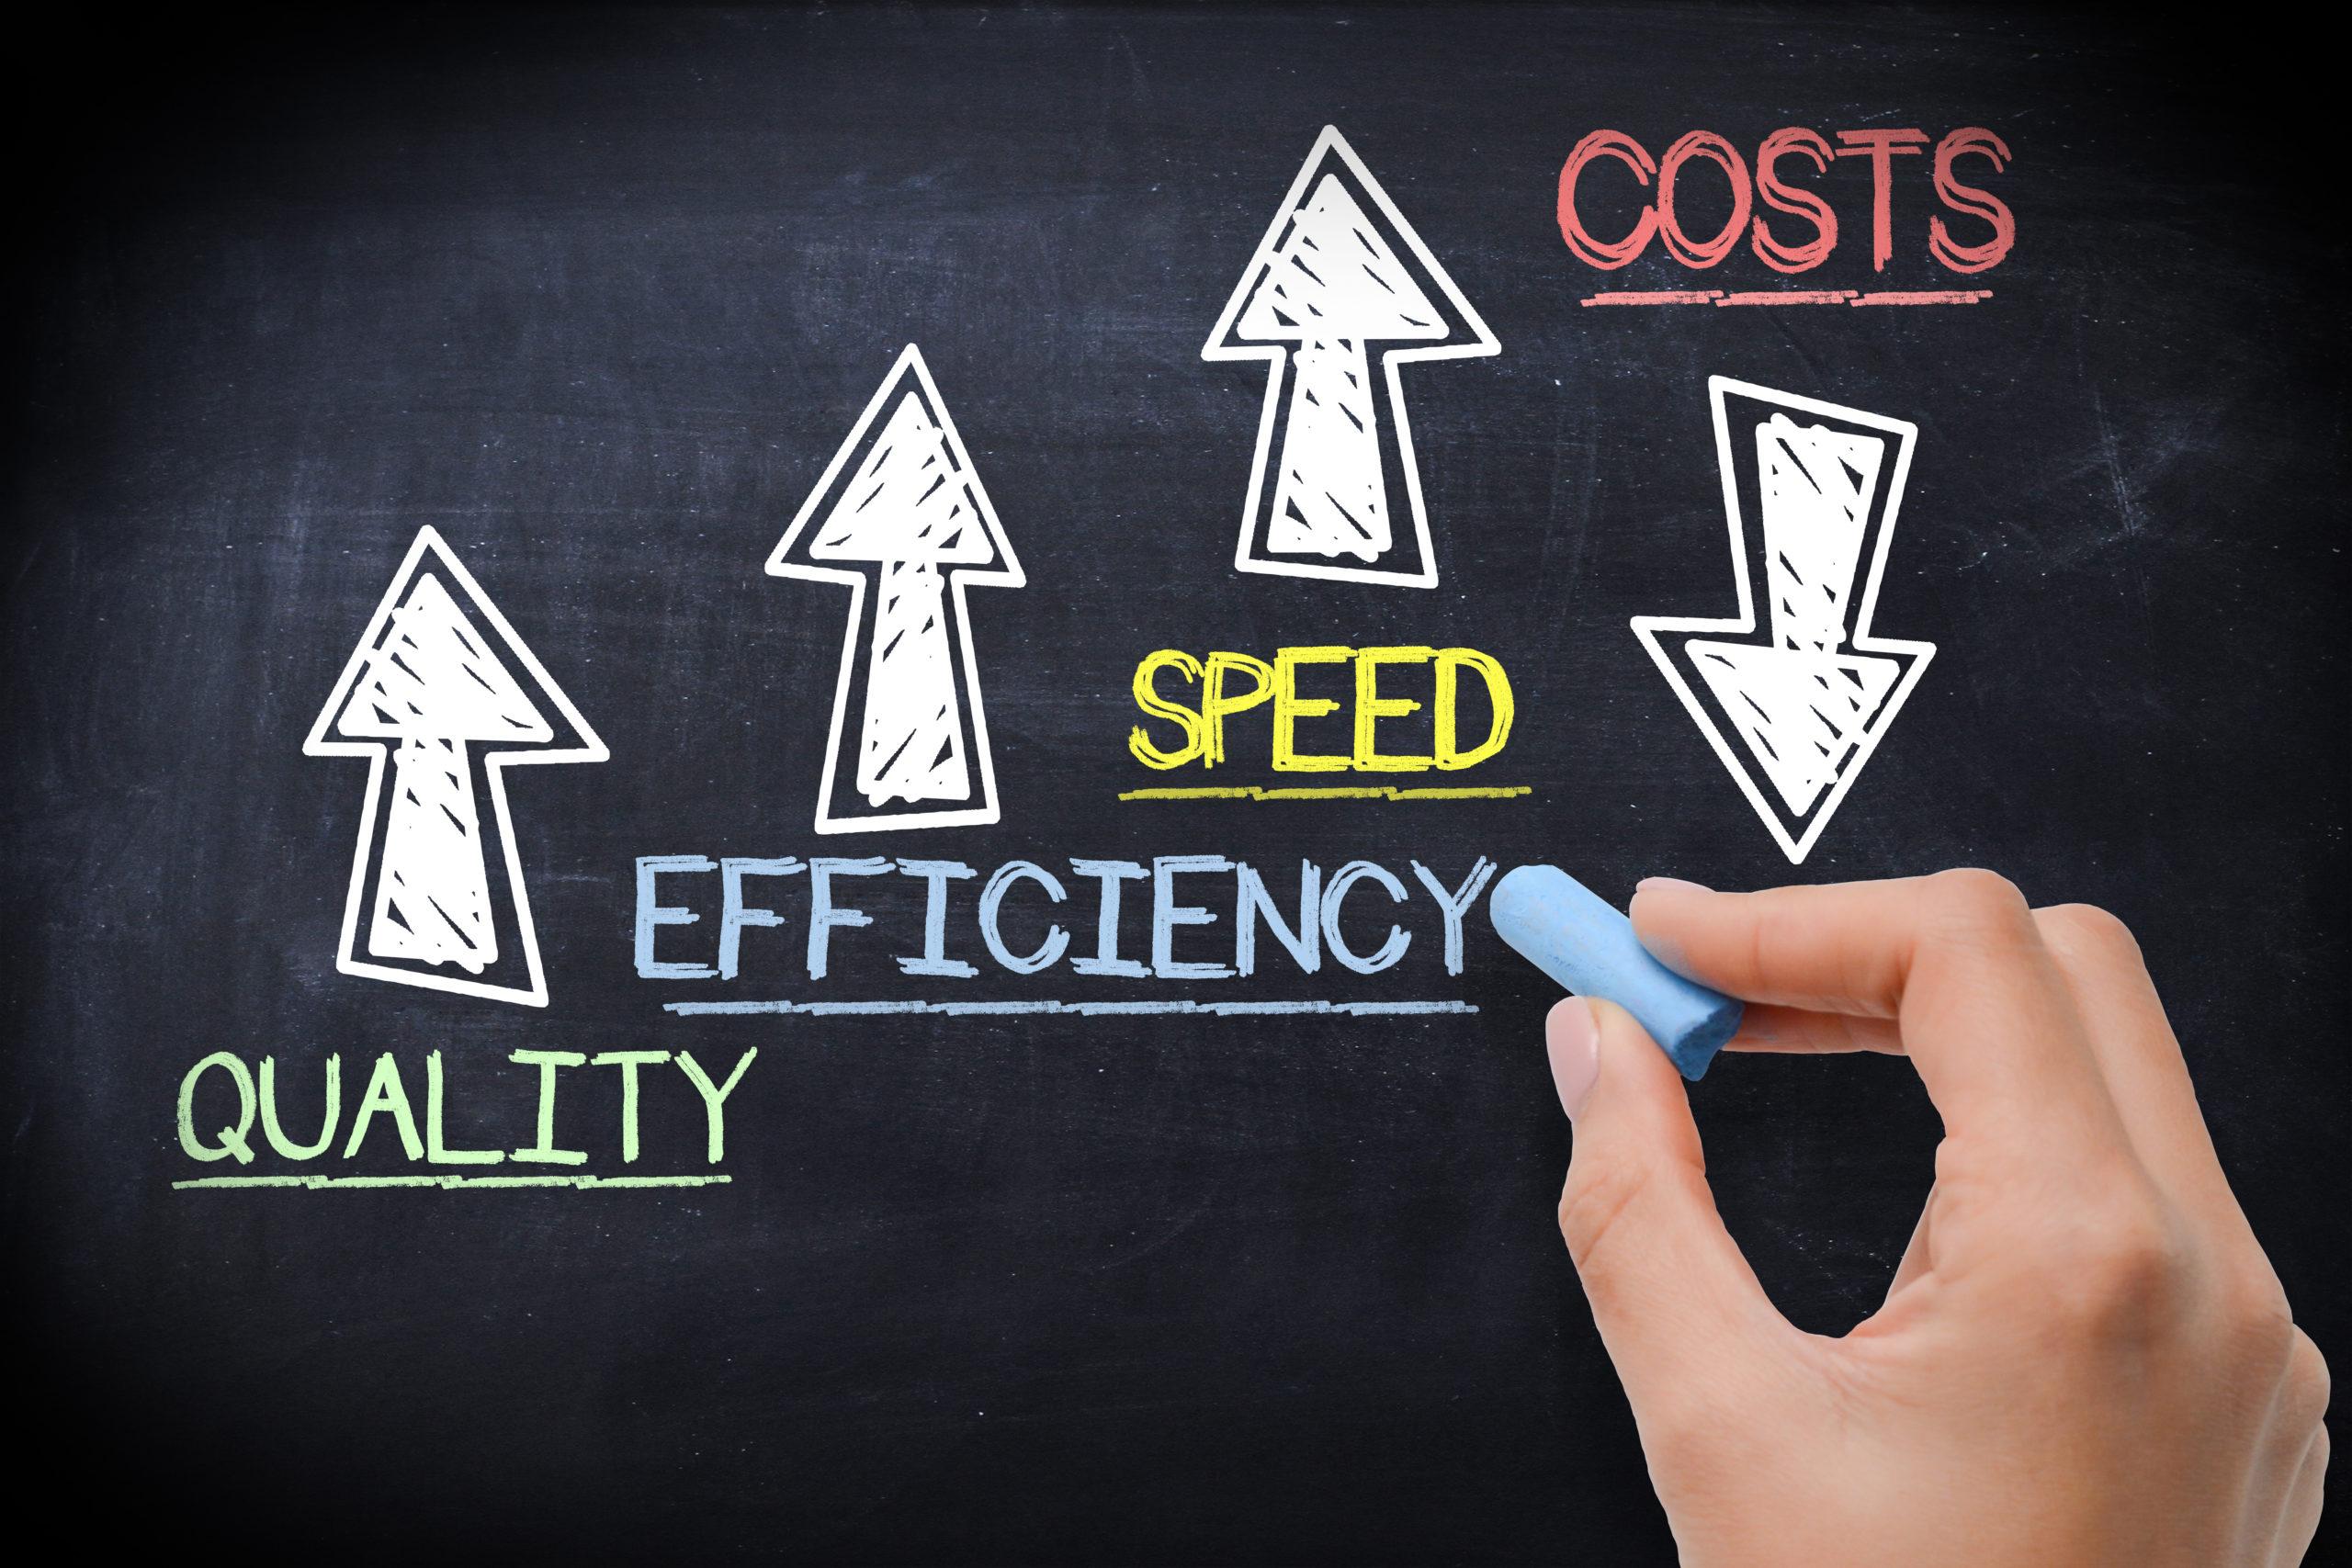 Schwarze Tafel mit Pfeilen nach oben für Wörter Qualität, Effizienz und Geschwindigkeit, Pfeil nach unten für Kosten